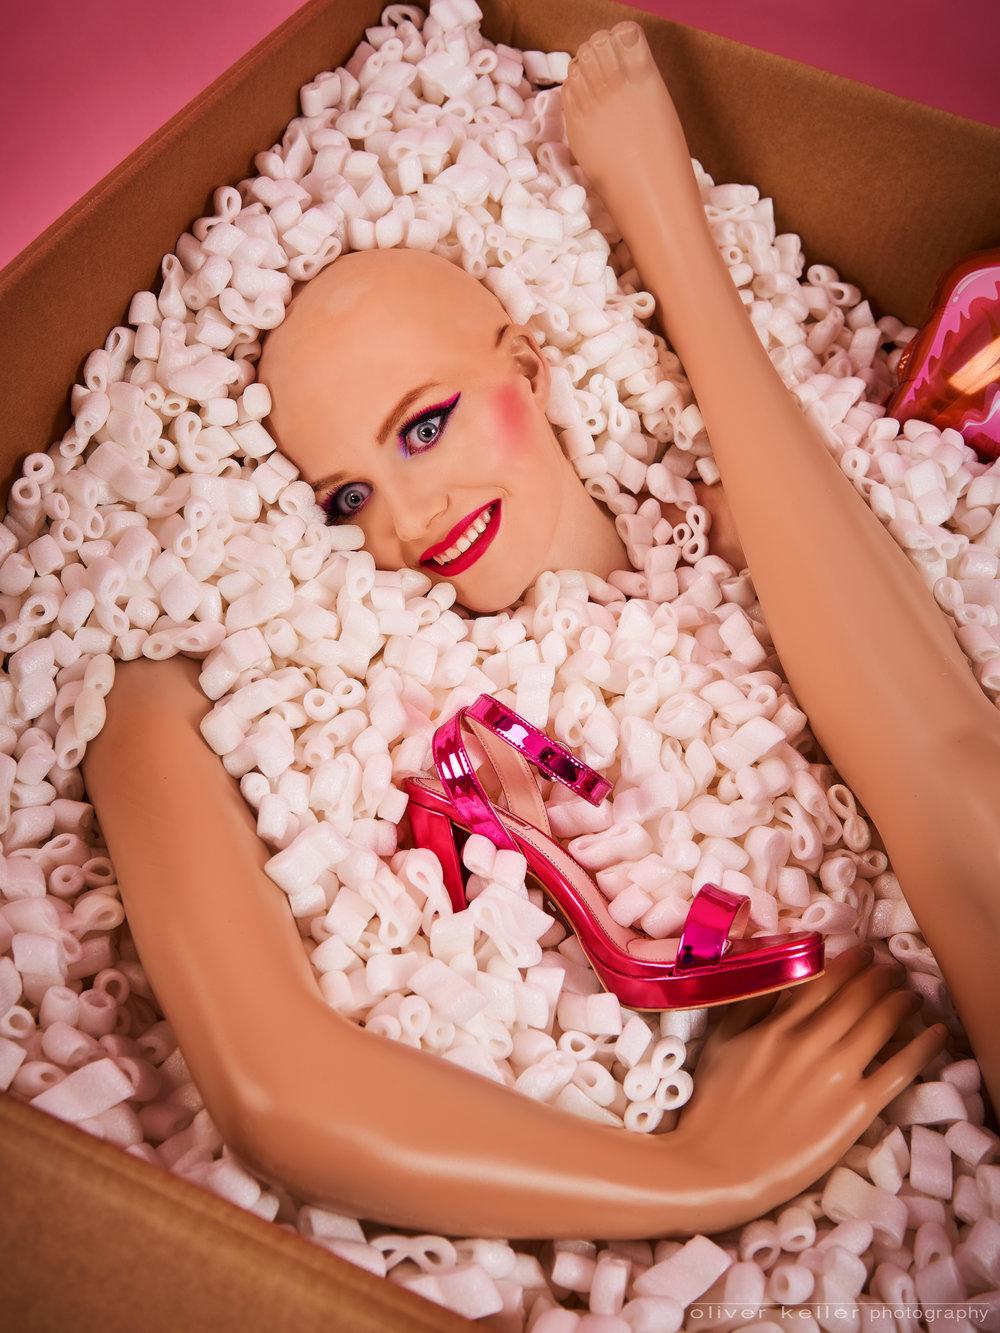 6-2016-11-15-Barbie16817.jpg